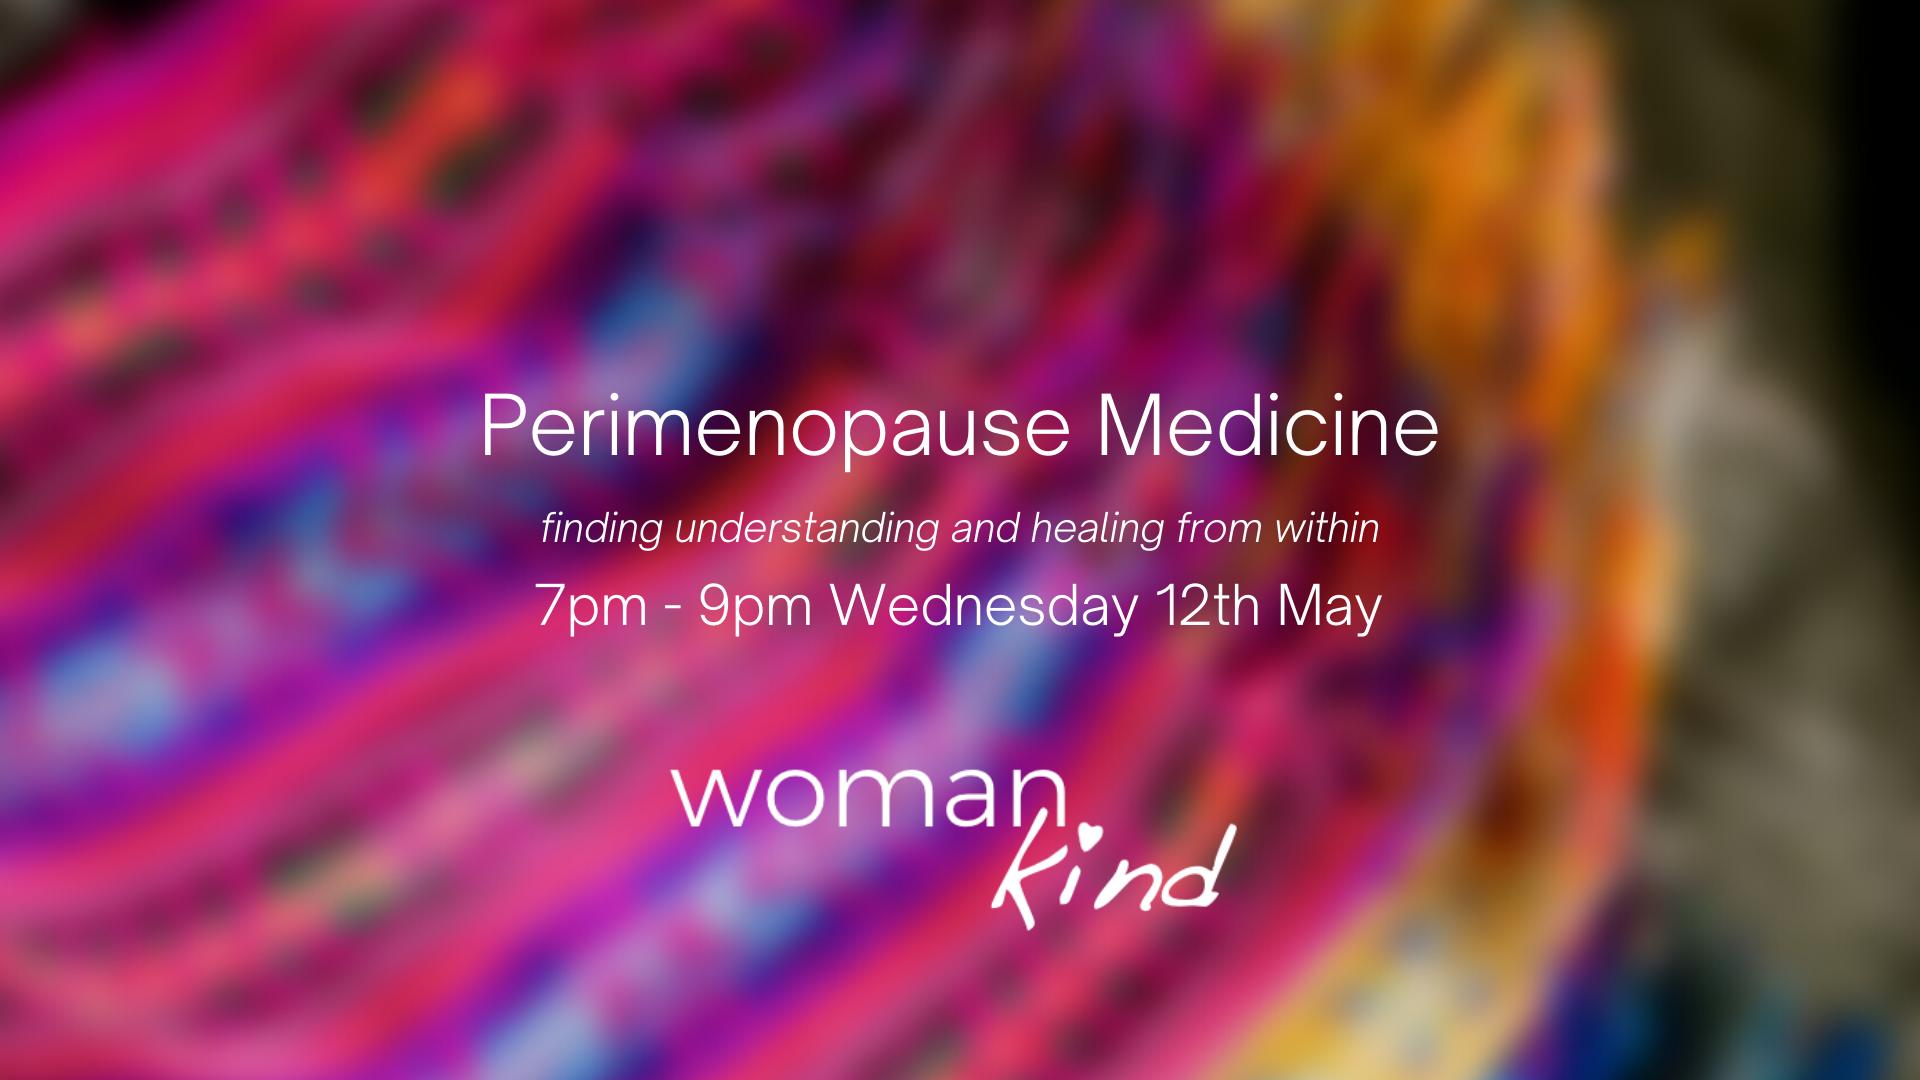 Perimenopause-Medicine fb event